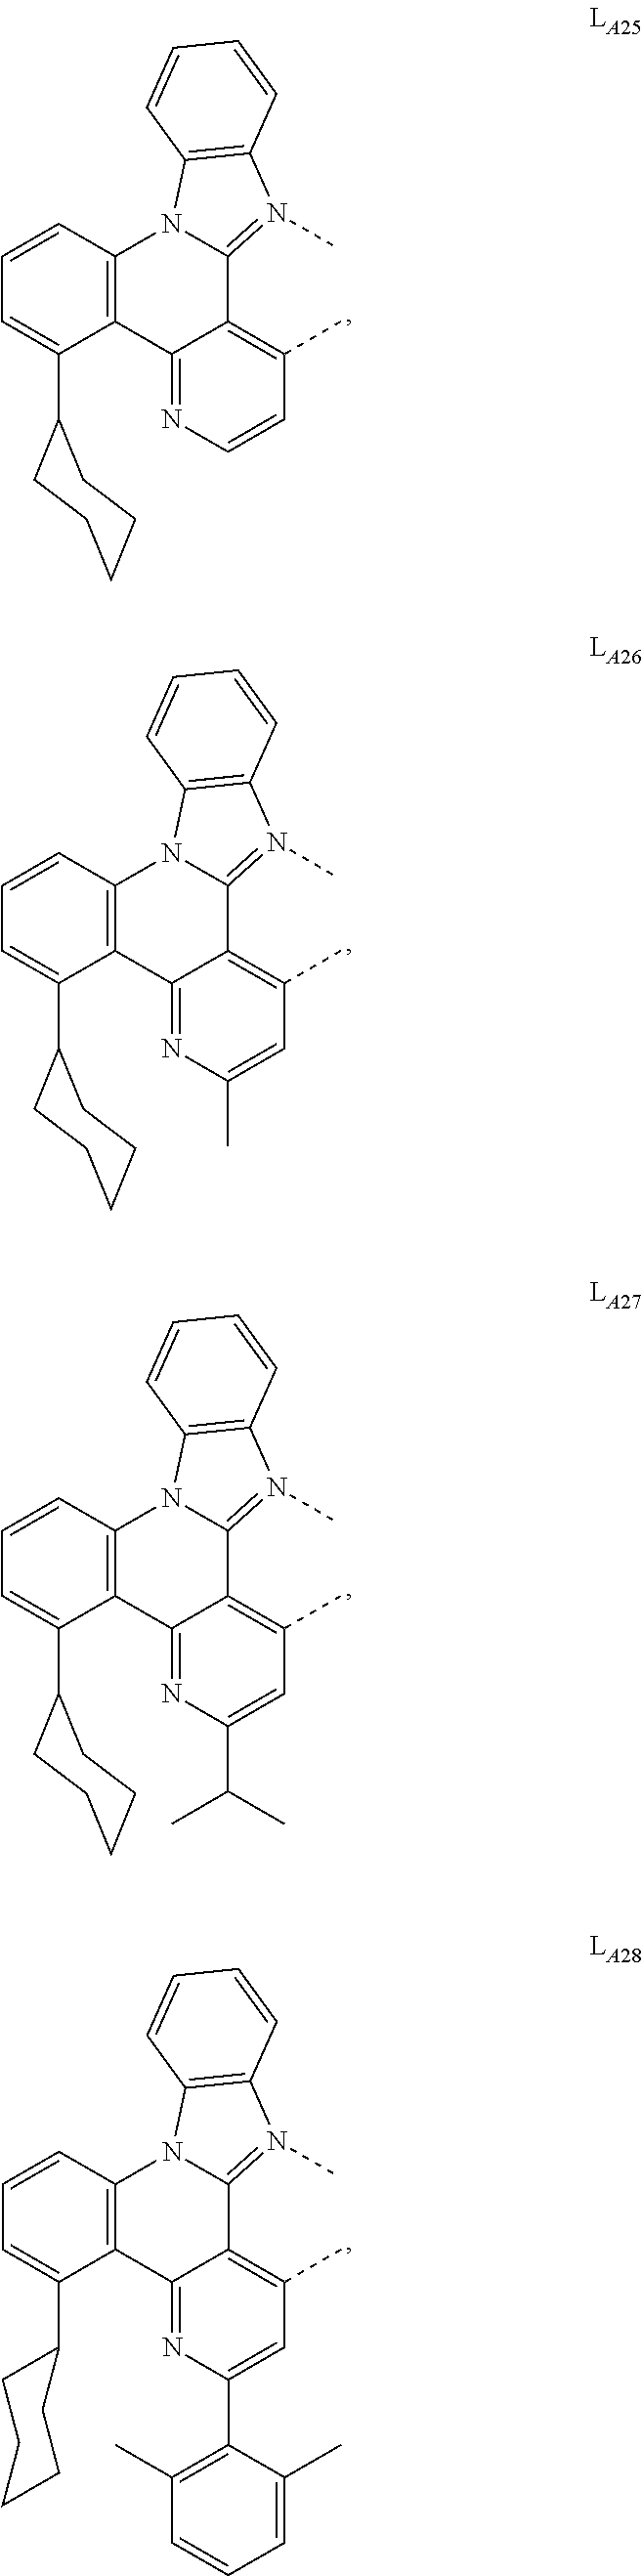 Figure US09905785-20180227-C00030